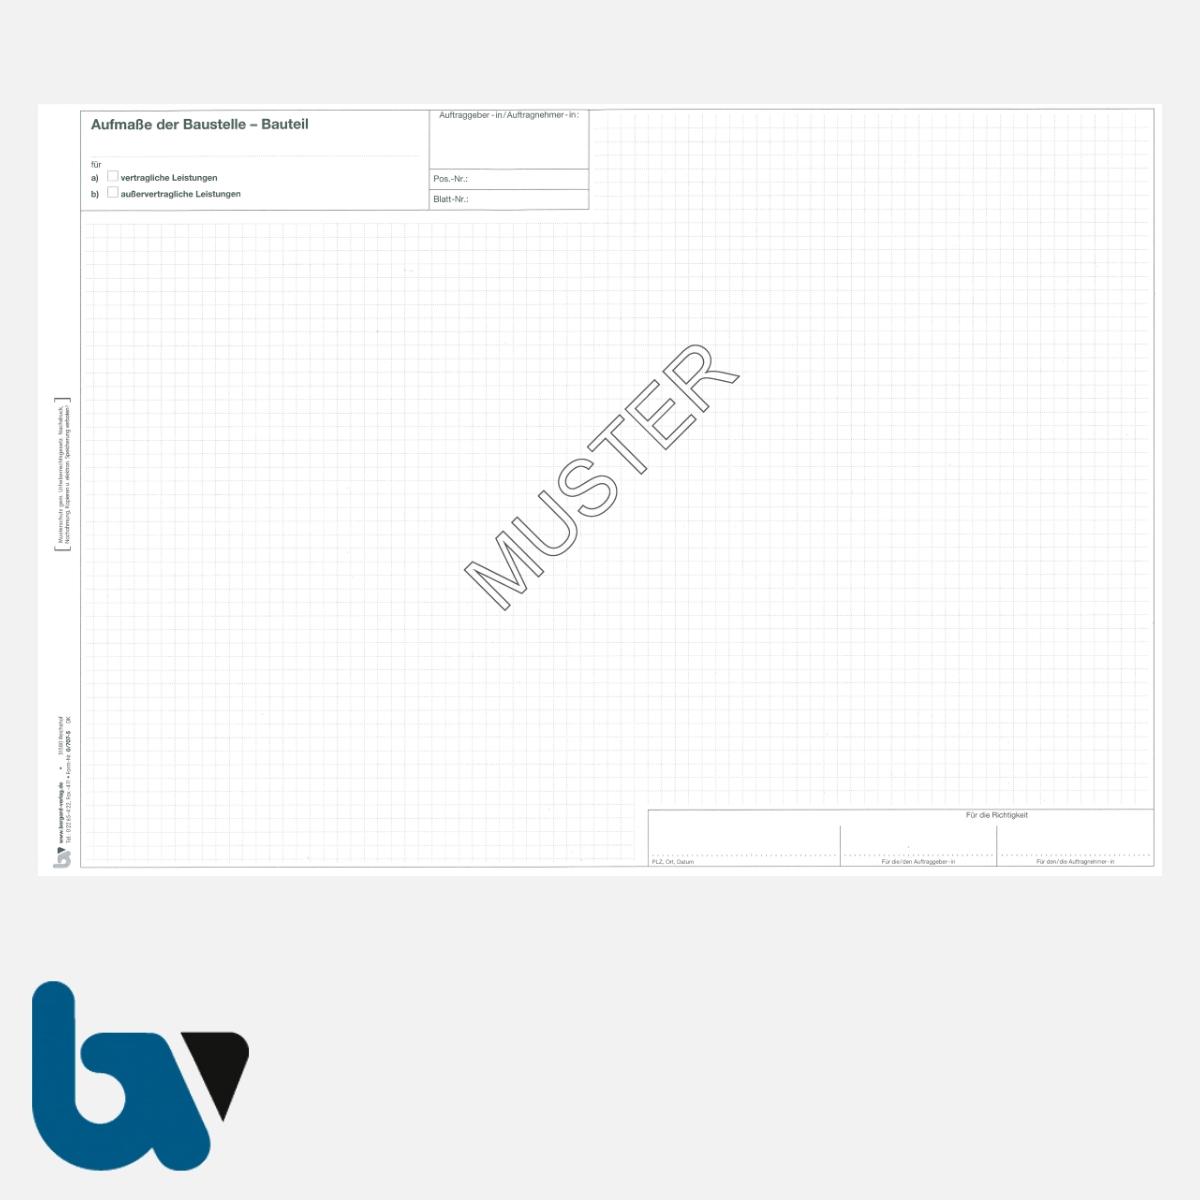 0/707-5 Bauaufmassblock Baustelle Bauteil selbstdurchschreibend Einschlagdeckel Durchschreibeschutz Schreibschutzdeckel perforiert DIN A3 Seite 1 | Borgard Verlag GmbH